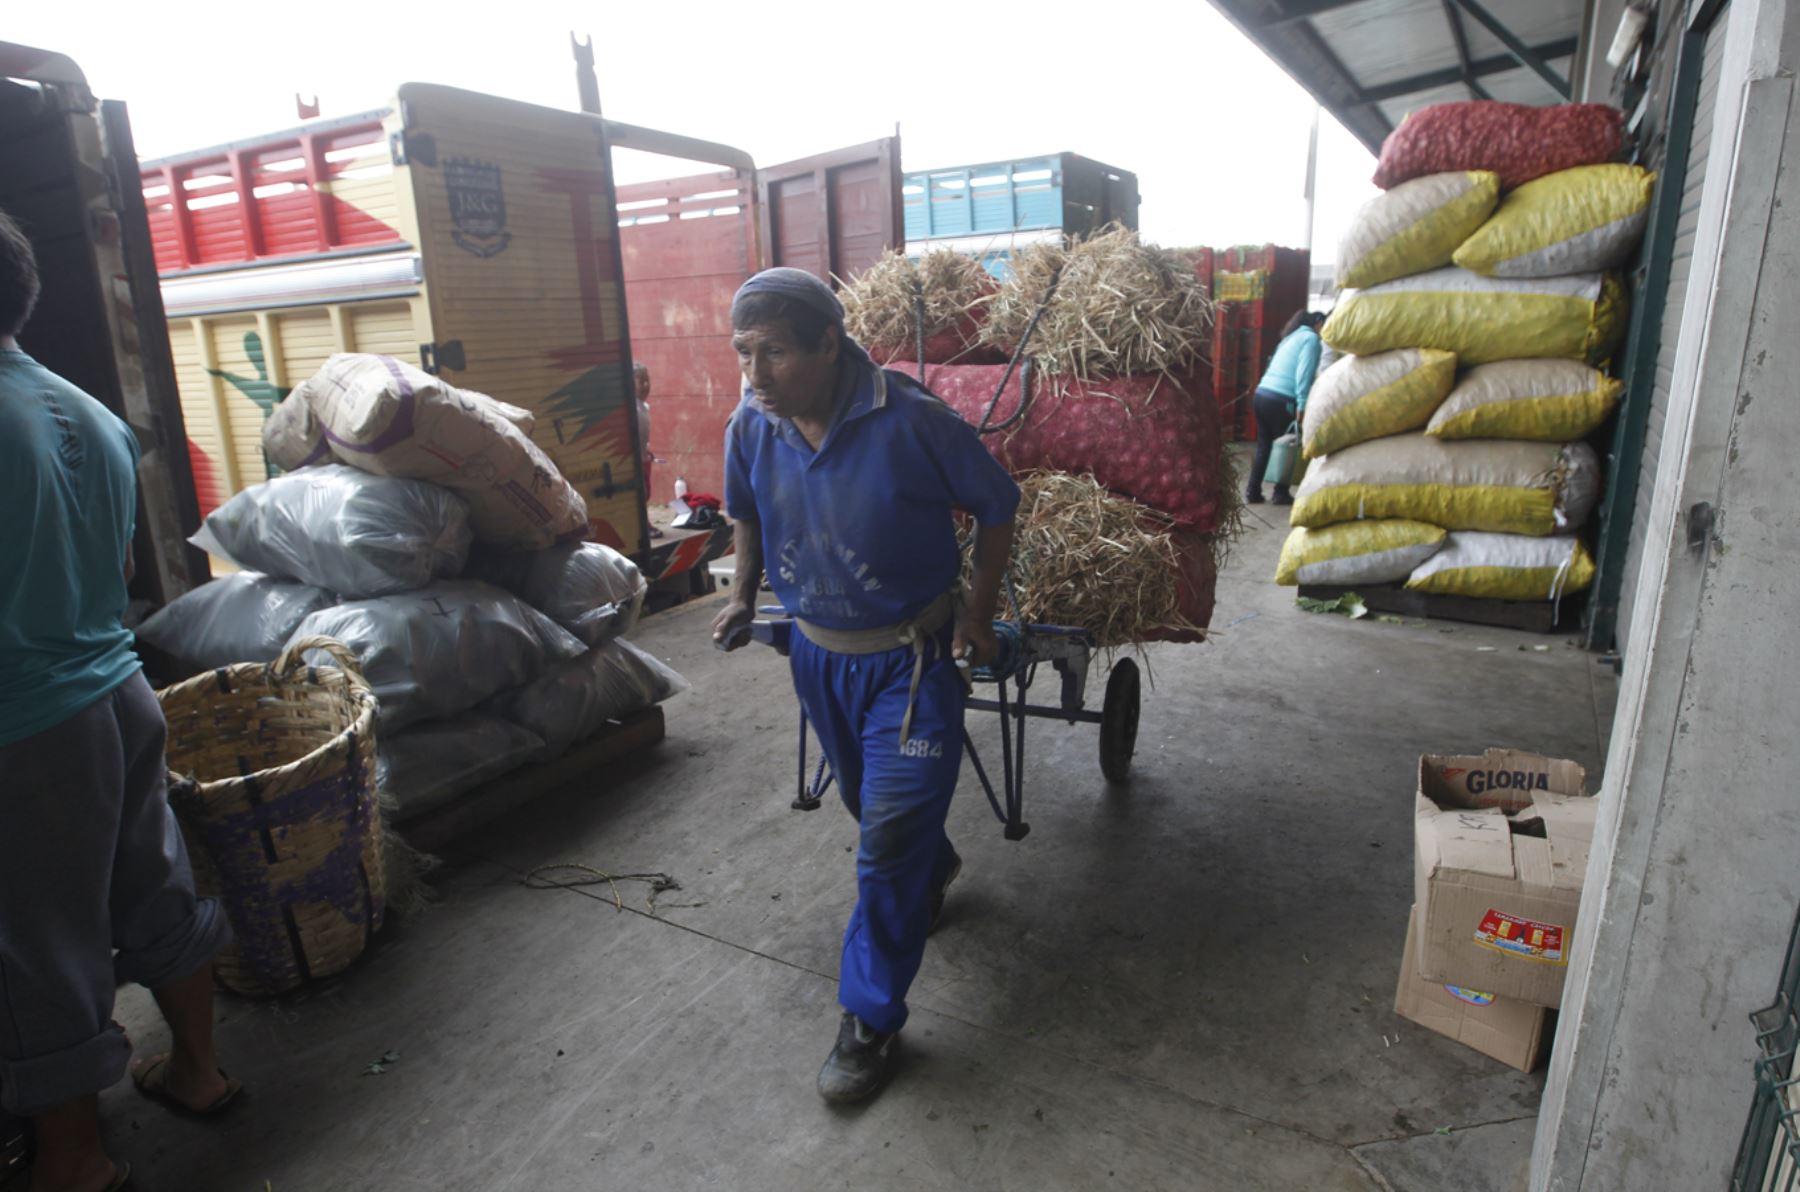 Suben precios en provincias. ANDINA/Juan Carlos Guzmán